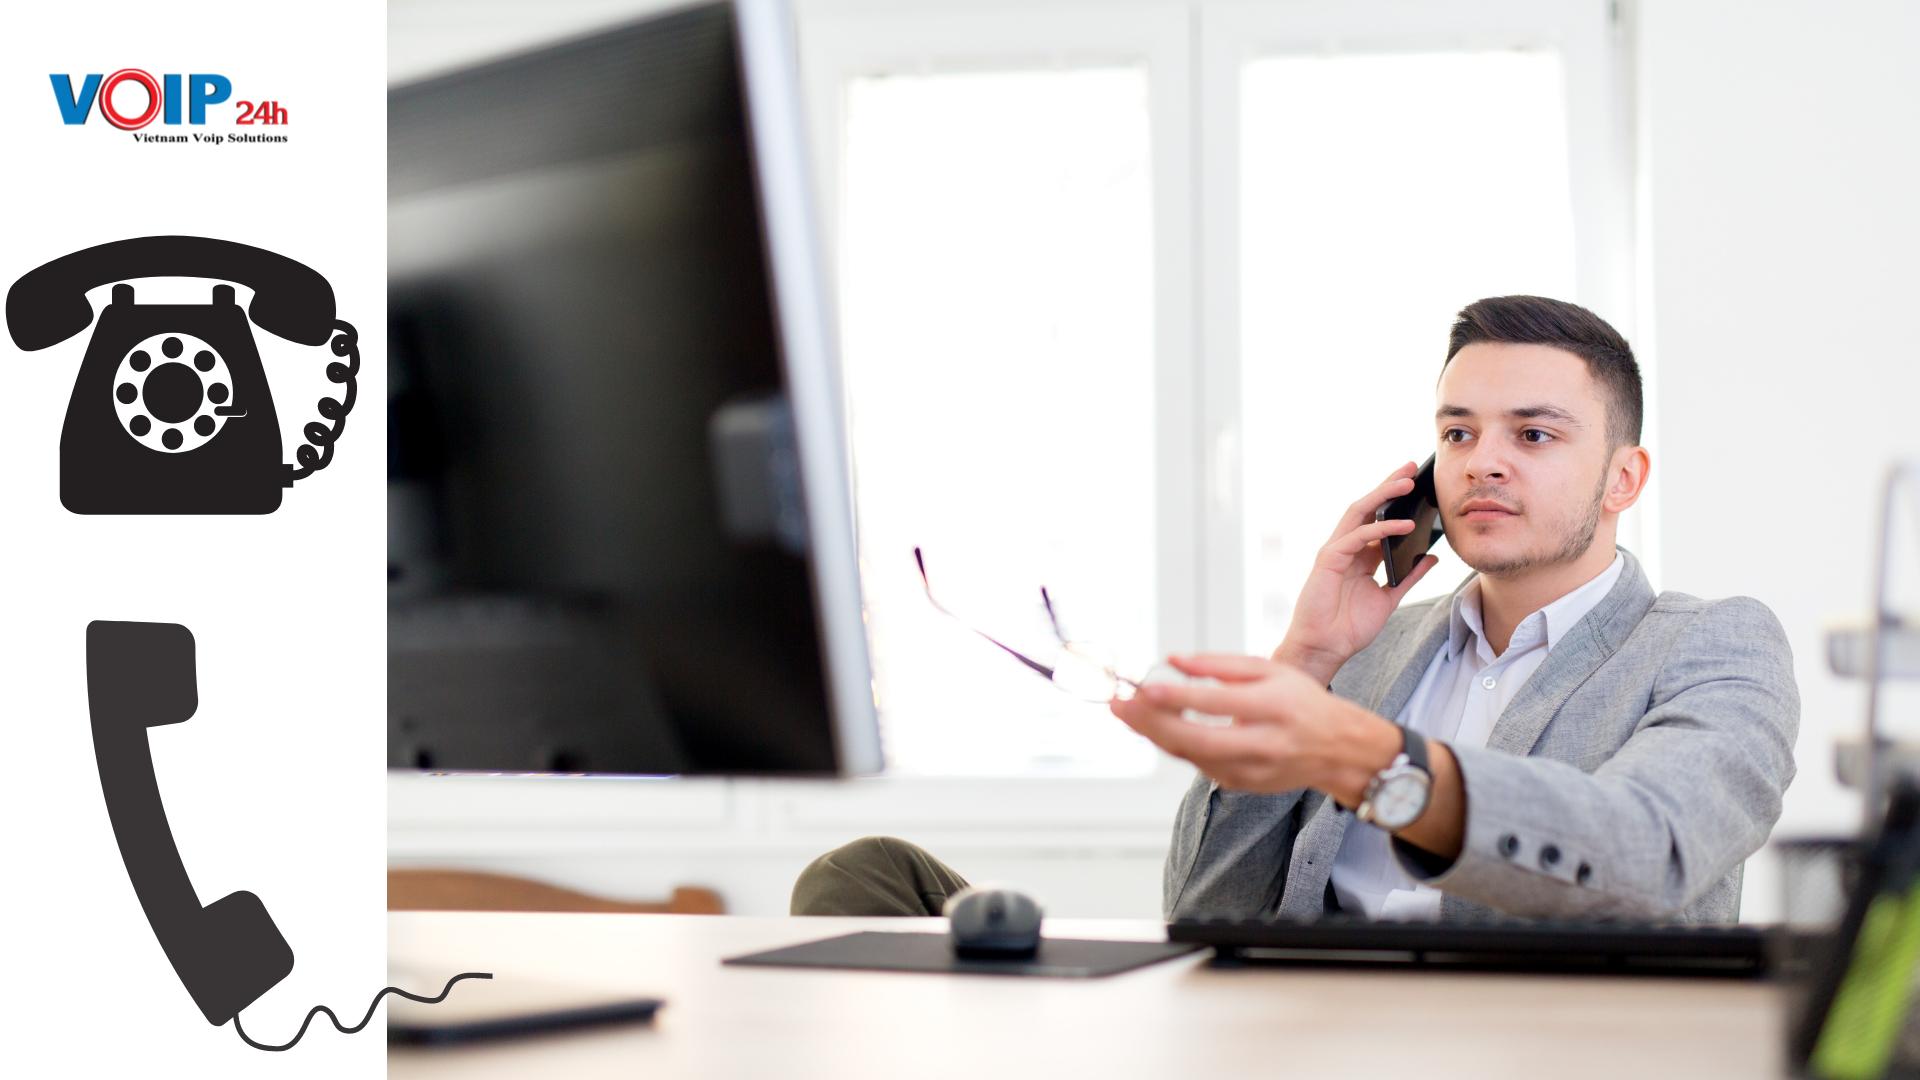 Điện thoại nội bộ mang nhiều lợi ích đến doanh nghiệp